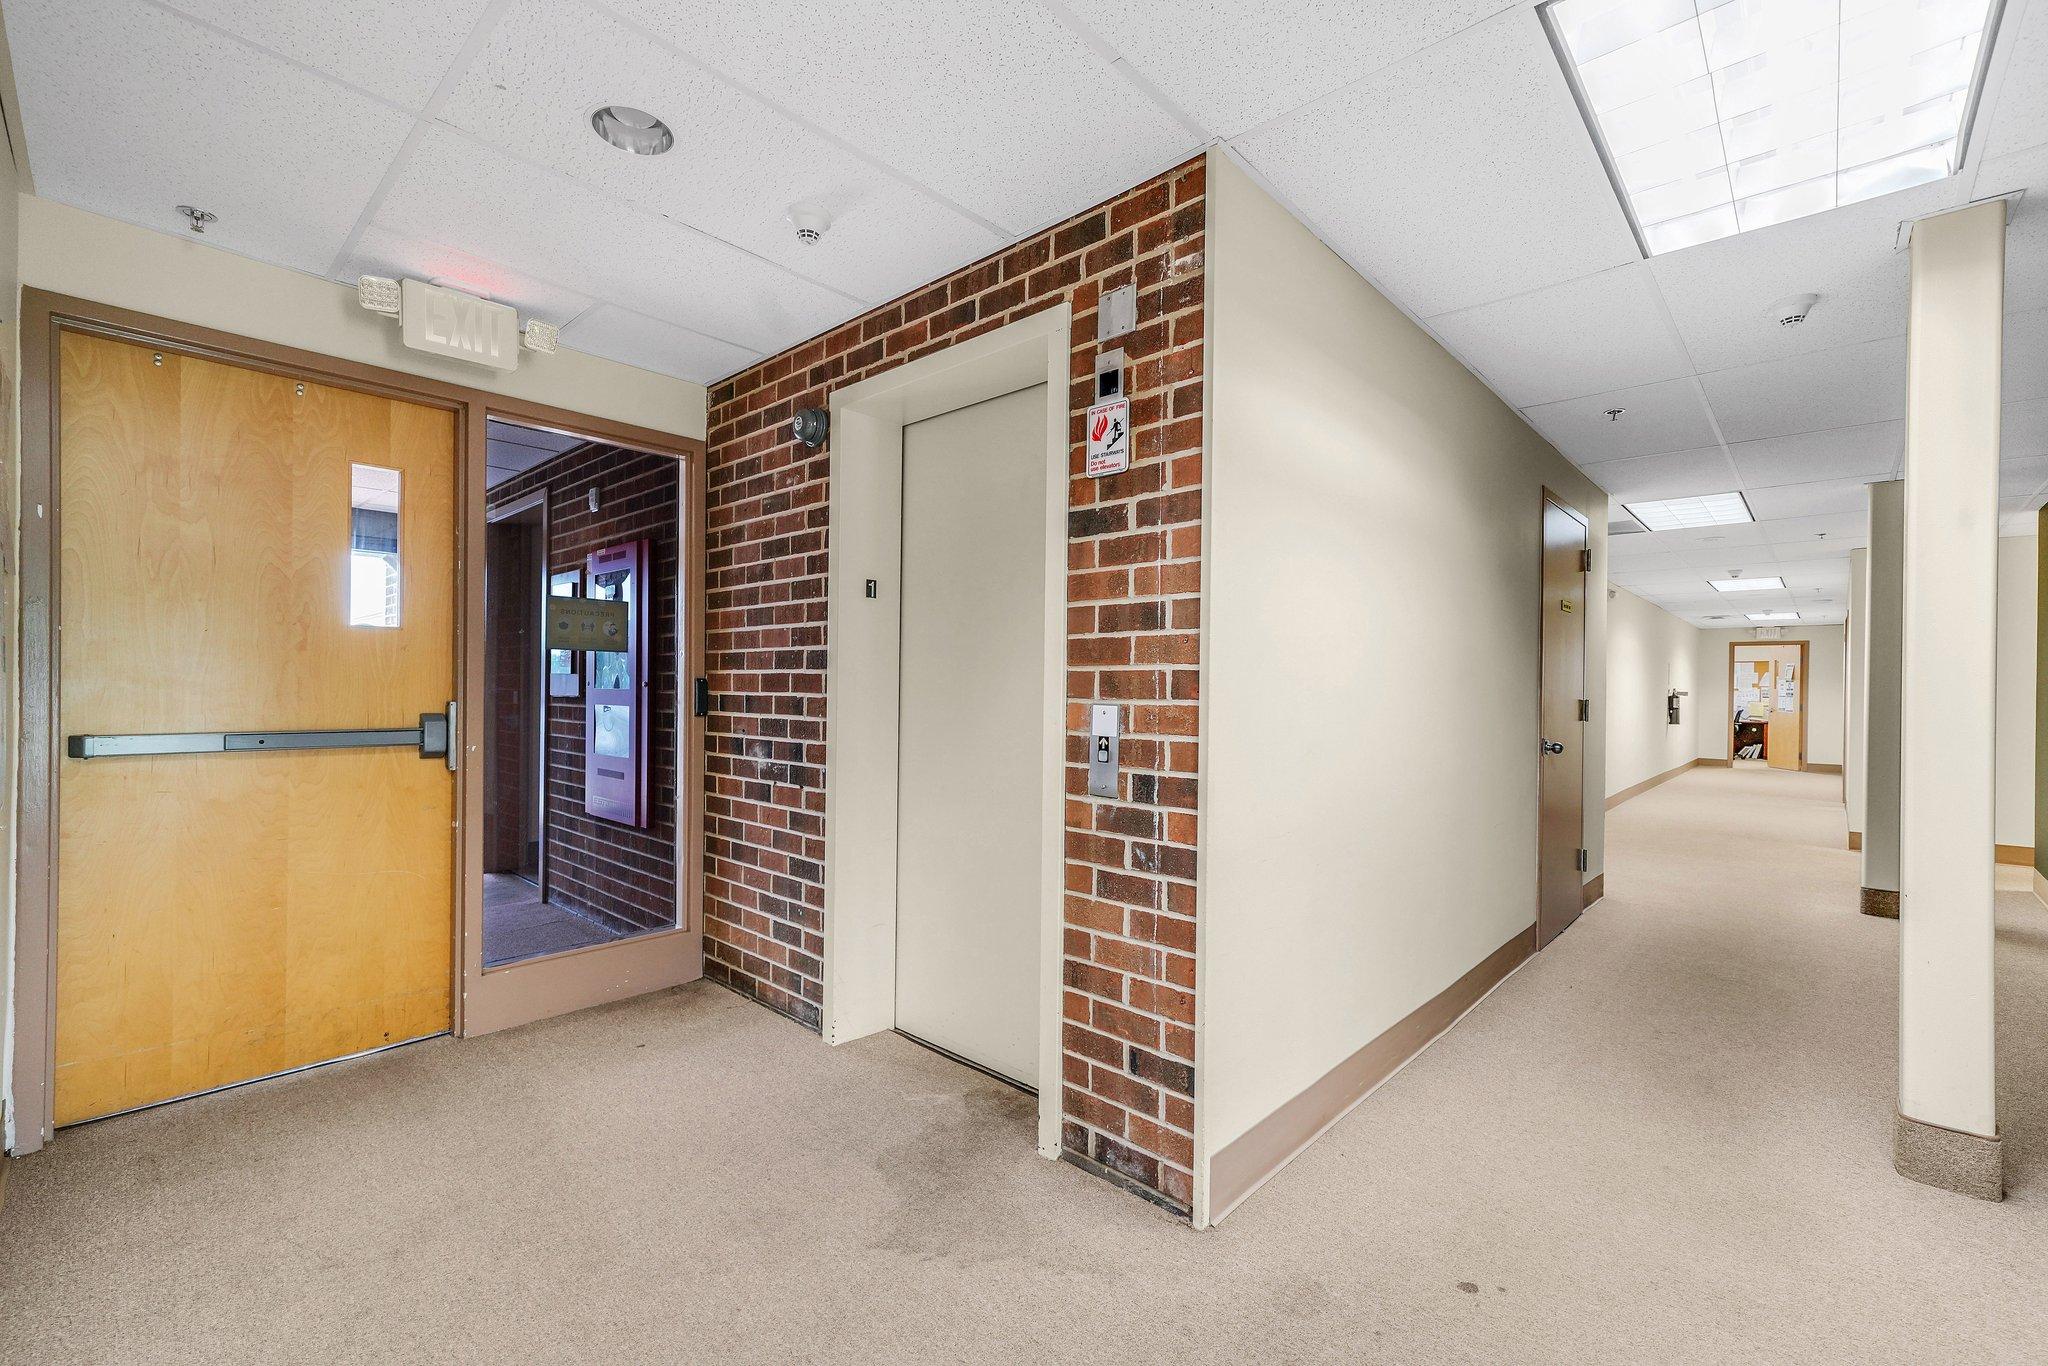 Elevator, common hallway